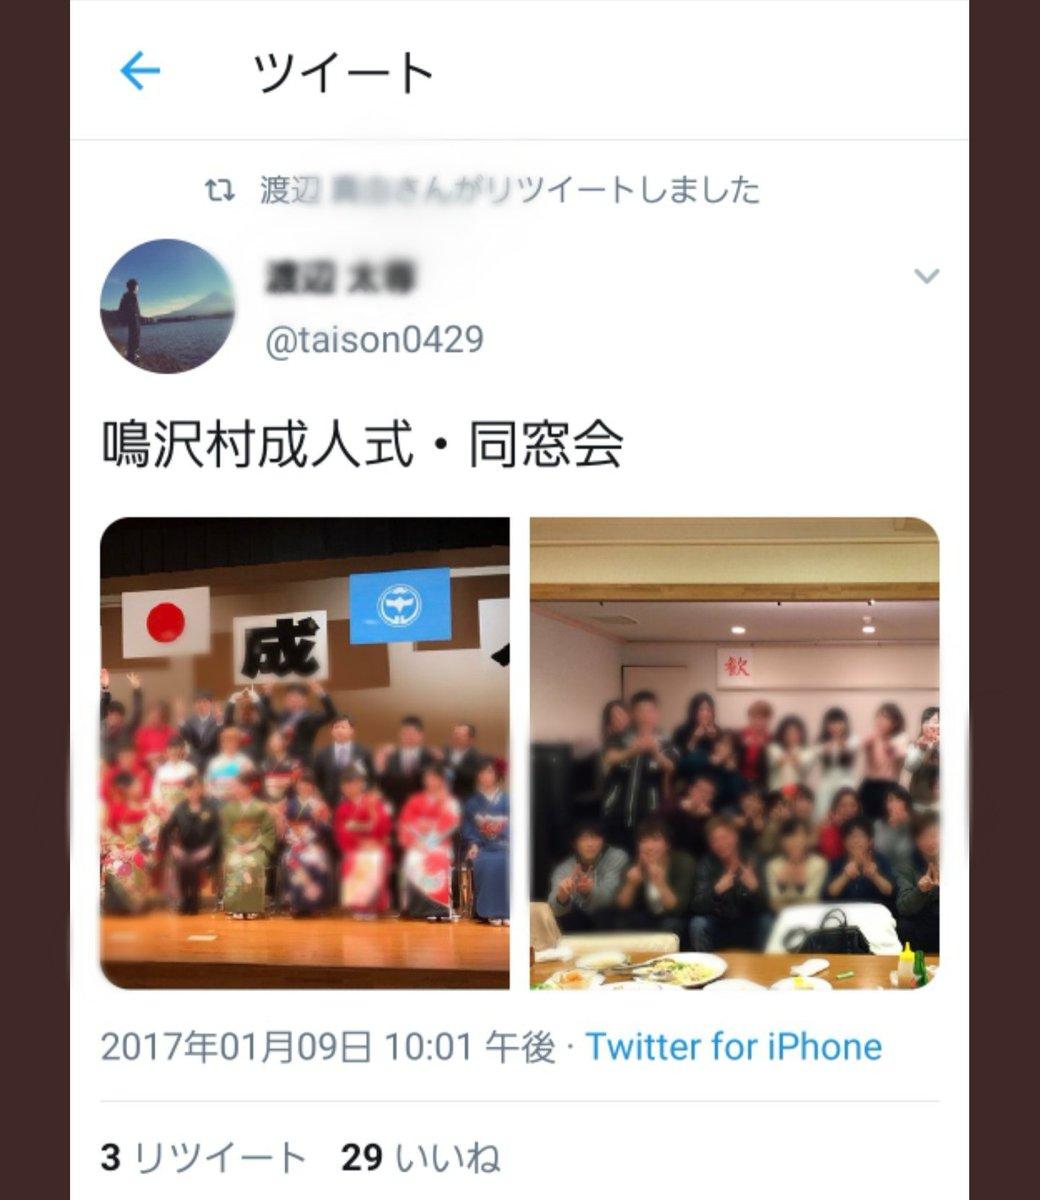 渡辺 コロナ 鳴沢 村 大工